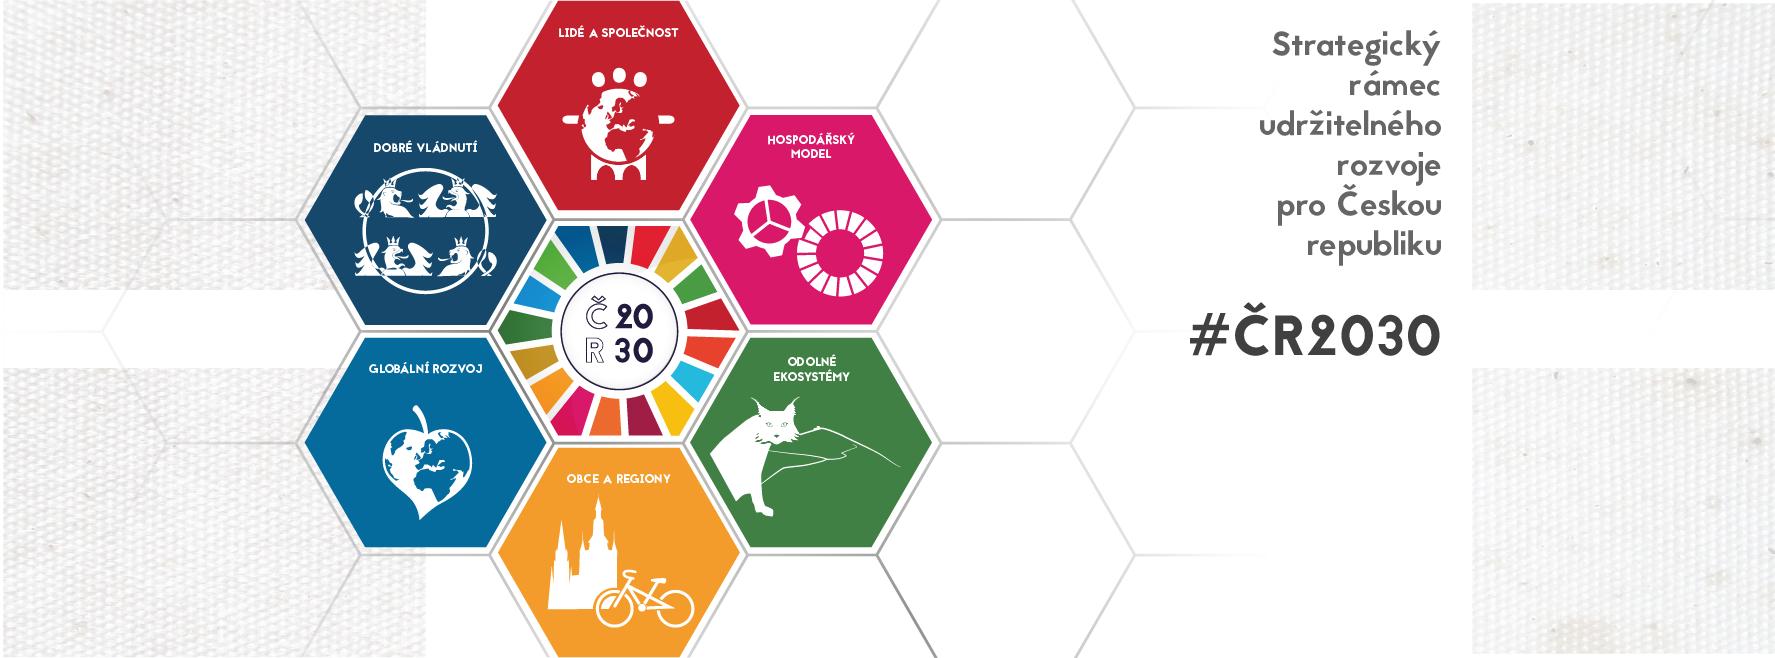 Strategie ČR 2030 inspiruje firmy i jednotlivce. Dobrovolně se zavazují k udržitelnému rozvoji